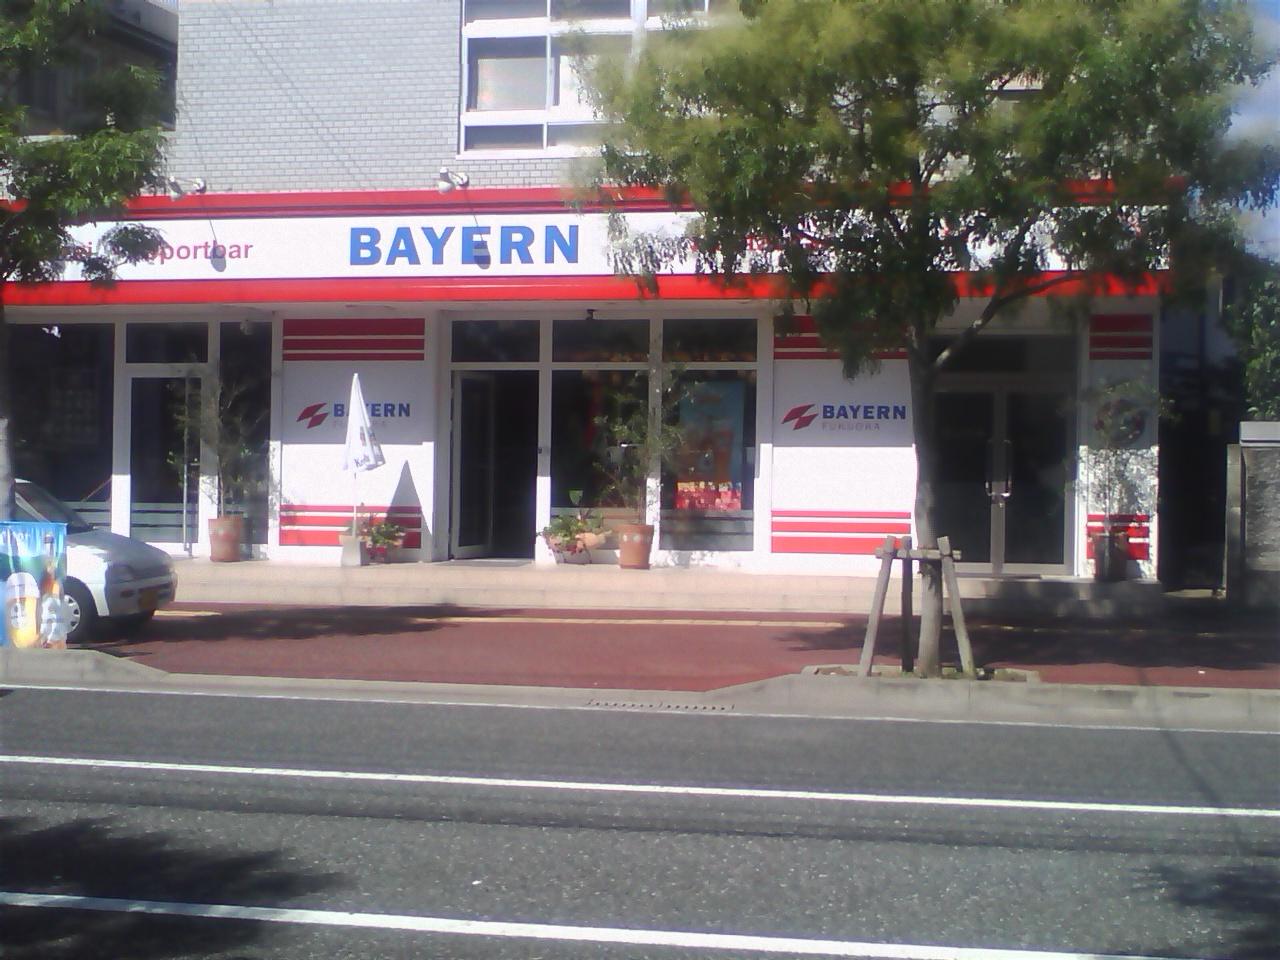 BAYERN FUKUOKA